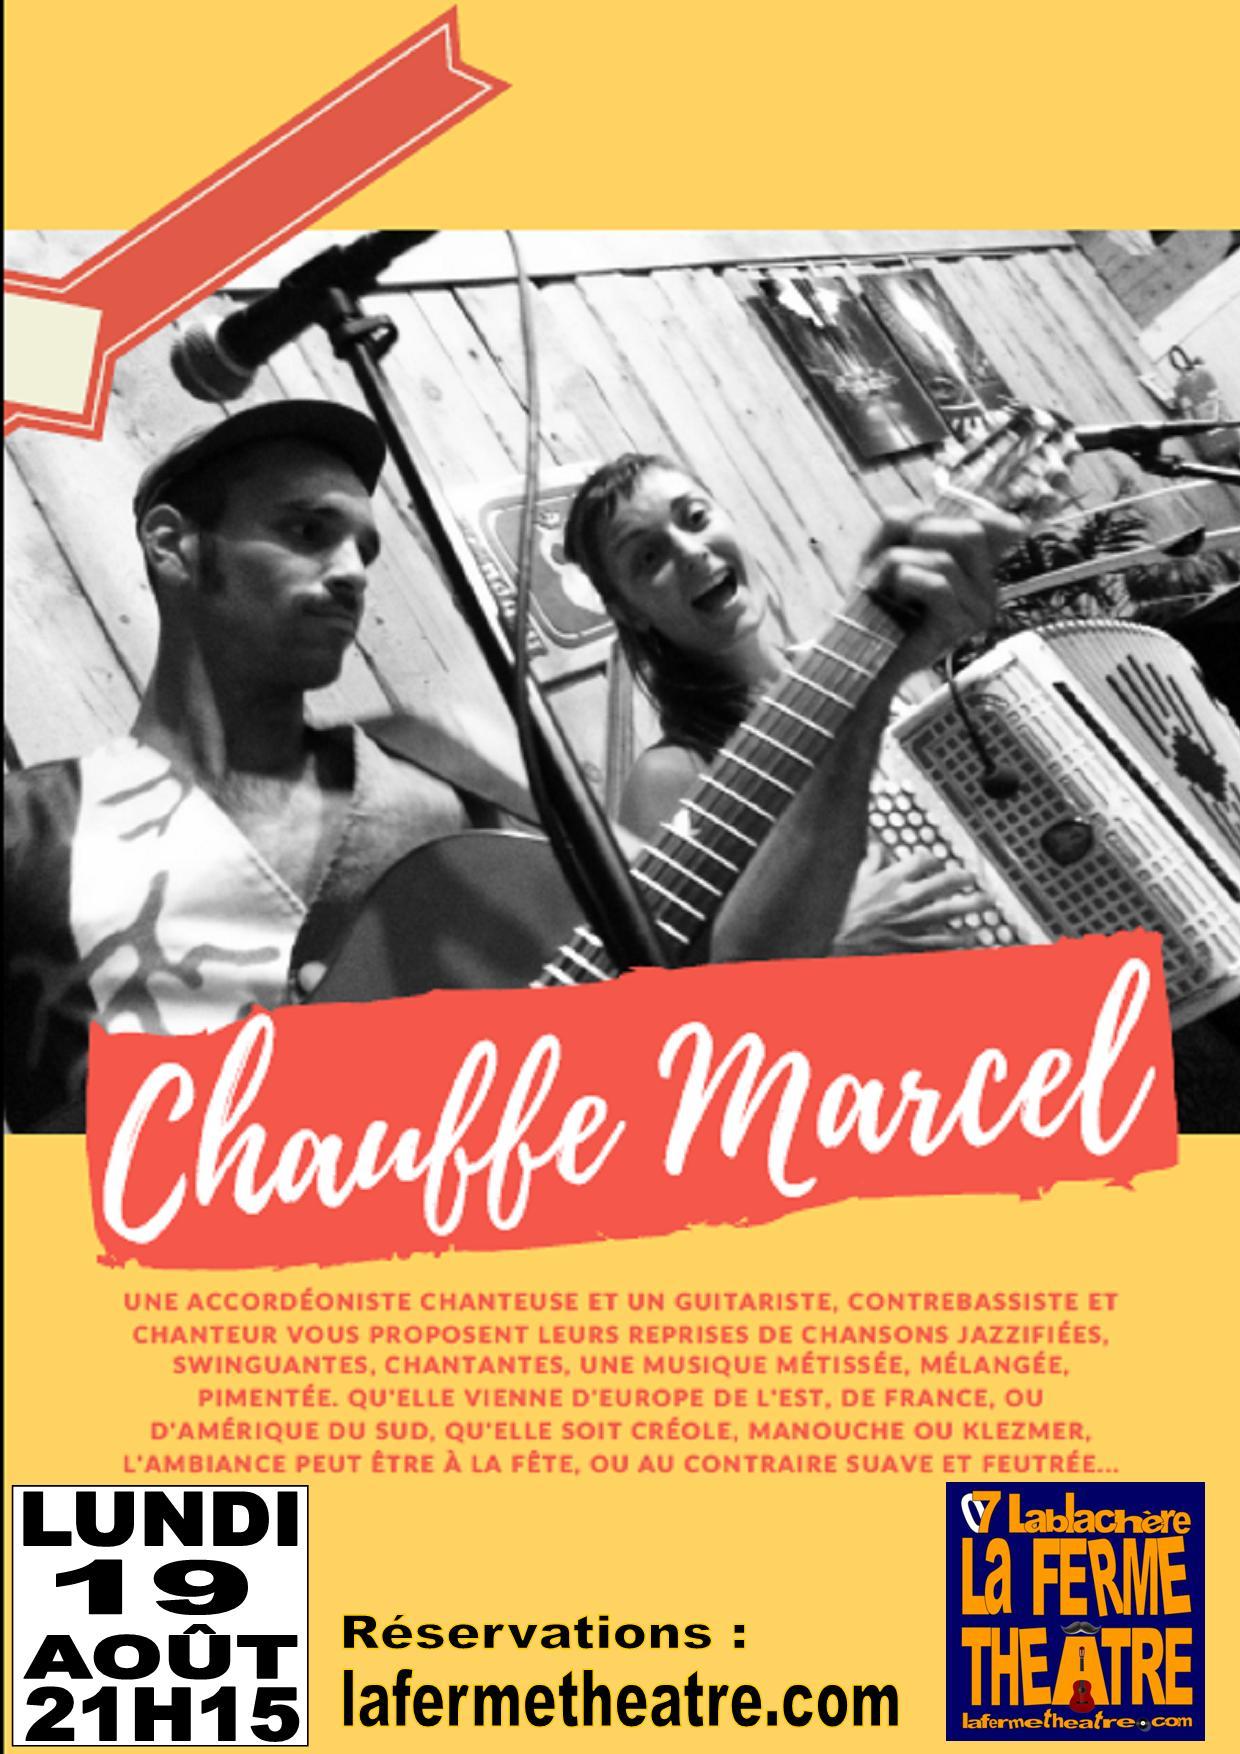 20190819 chauffe marcel